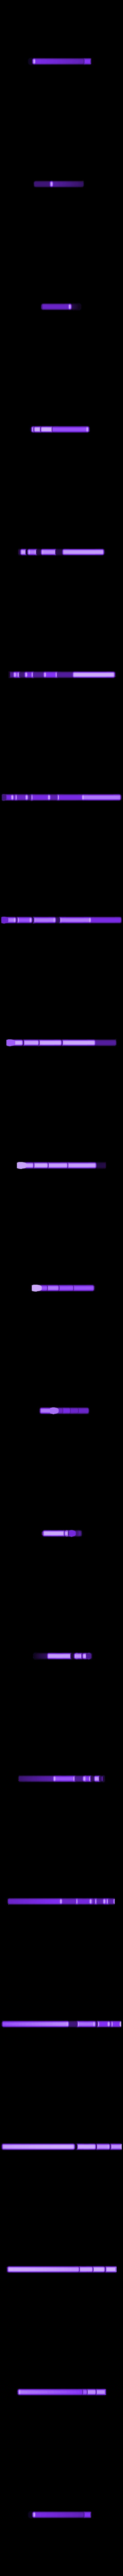 pikachuPBC-tail.stl Télécharger fichier STL gratuit Pokémon - Pikachu tirer voiture jouet • Objet pour imprimante 3D, cycstudio